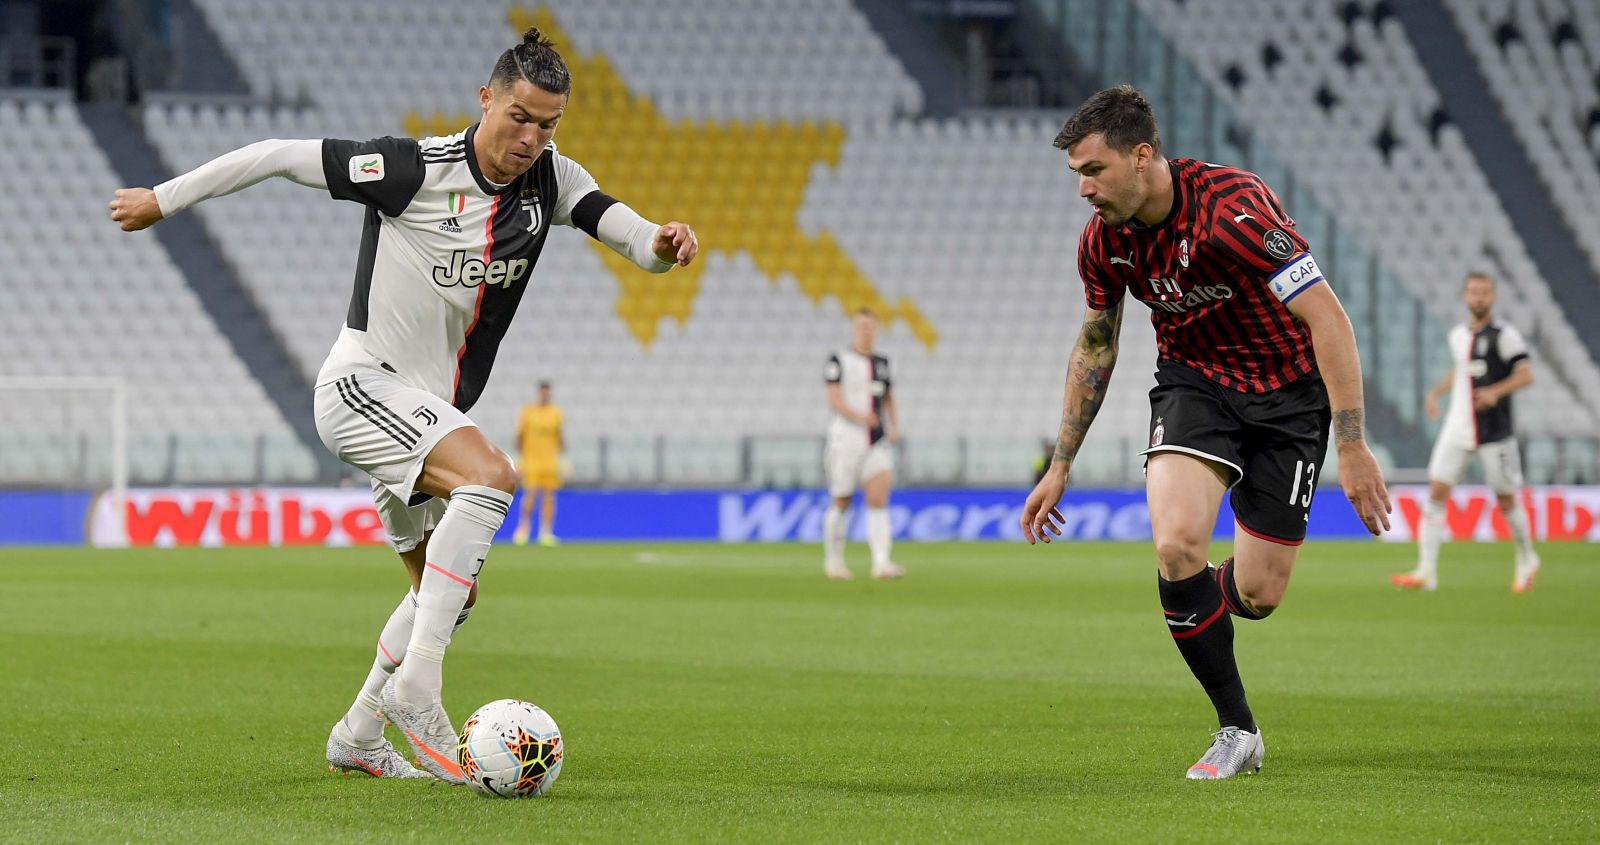 Juventus avanzó a la final de la Copa Italia tras eliminar al AC Milan